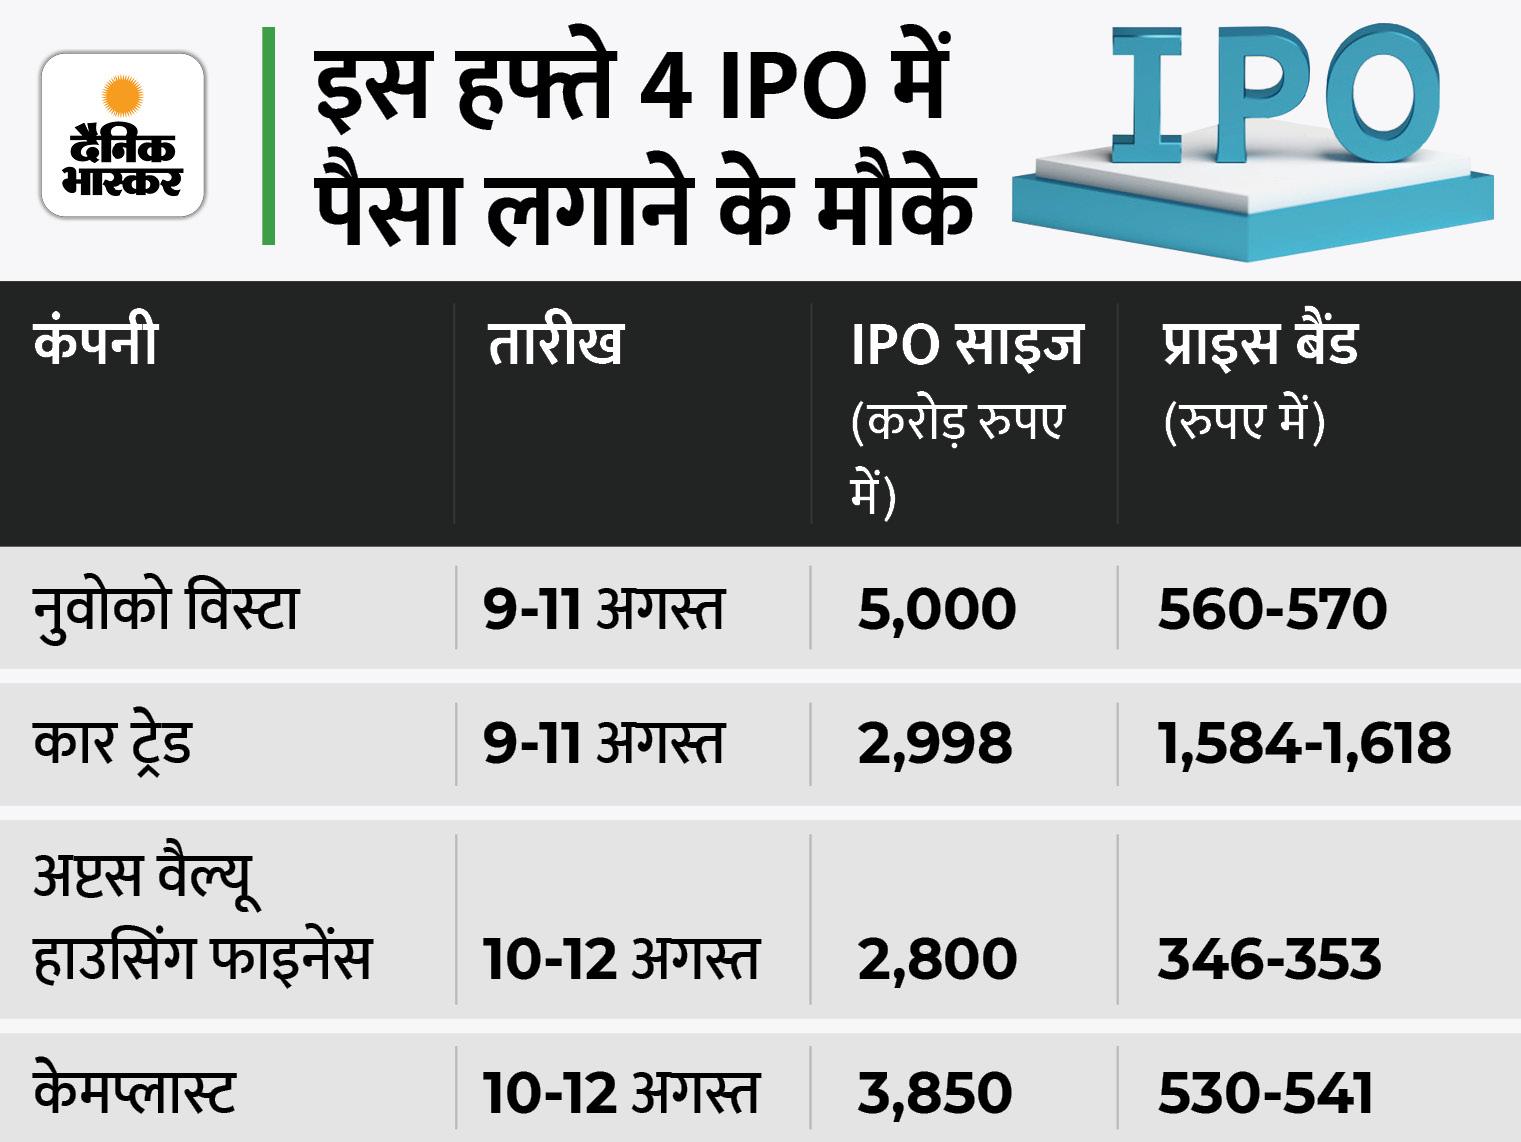 शेयर बाजार के लिए अहम होंगे घरेलू आर्थिक आंकड़े, इस हफ्ते निवेशकों को फिर मिलेंगे 4 IPO में पैसा लगाने का मौका|बिजनेस,Business - Dainik Bhaskar